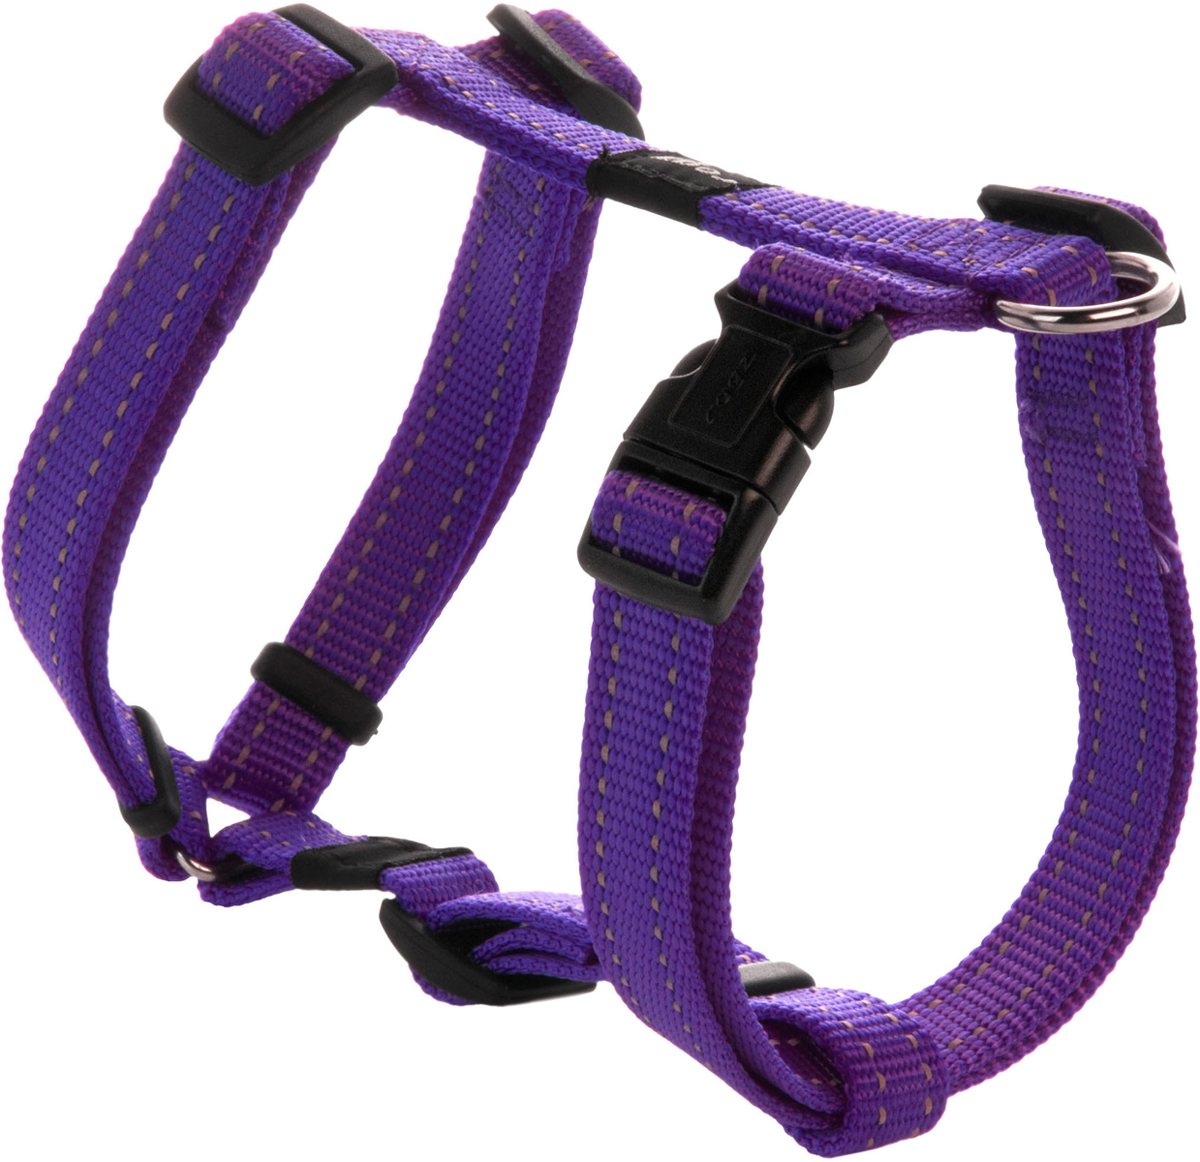 Шлейка для собак Rogz  Utility , цвет: фиолетовый, ширина 1,6 см. Размер M